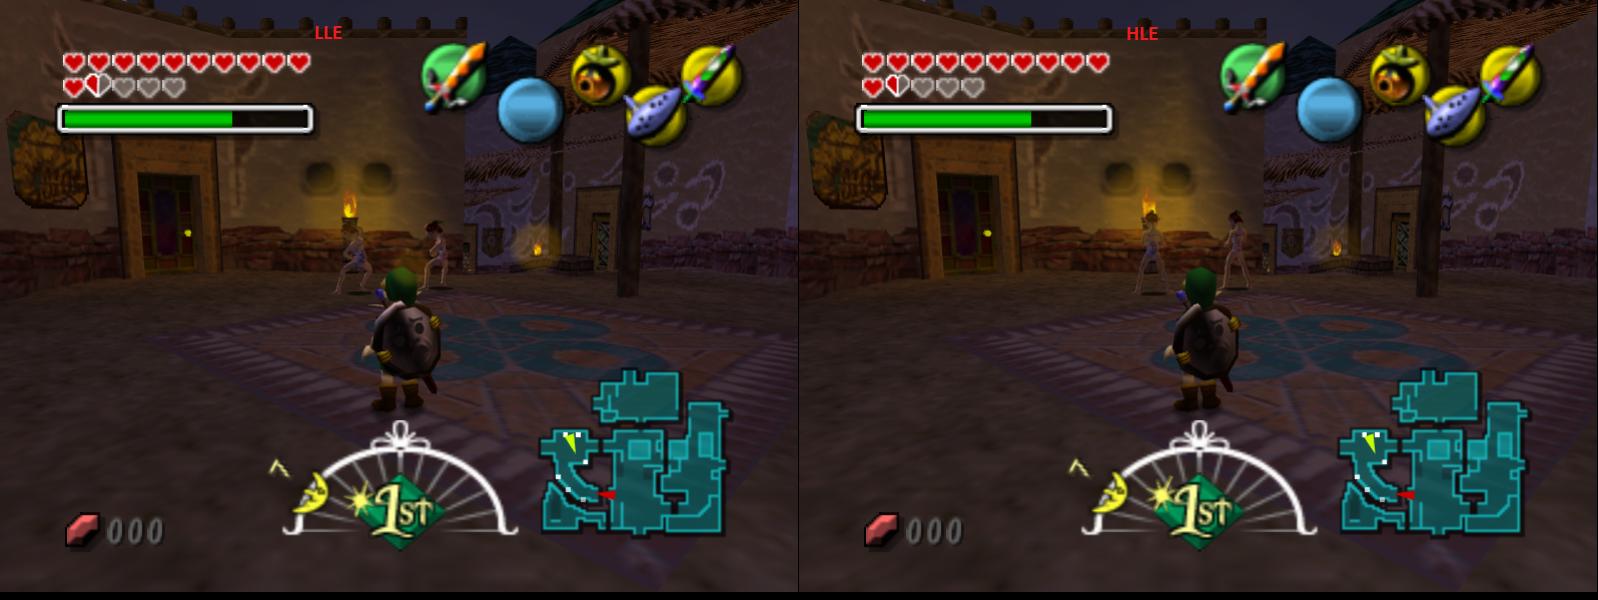 GLideN64: Zelda Majora's Mask point-lighting